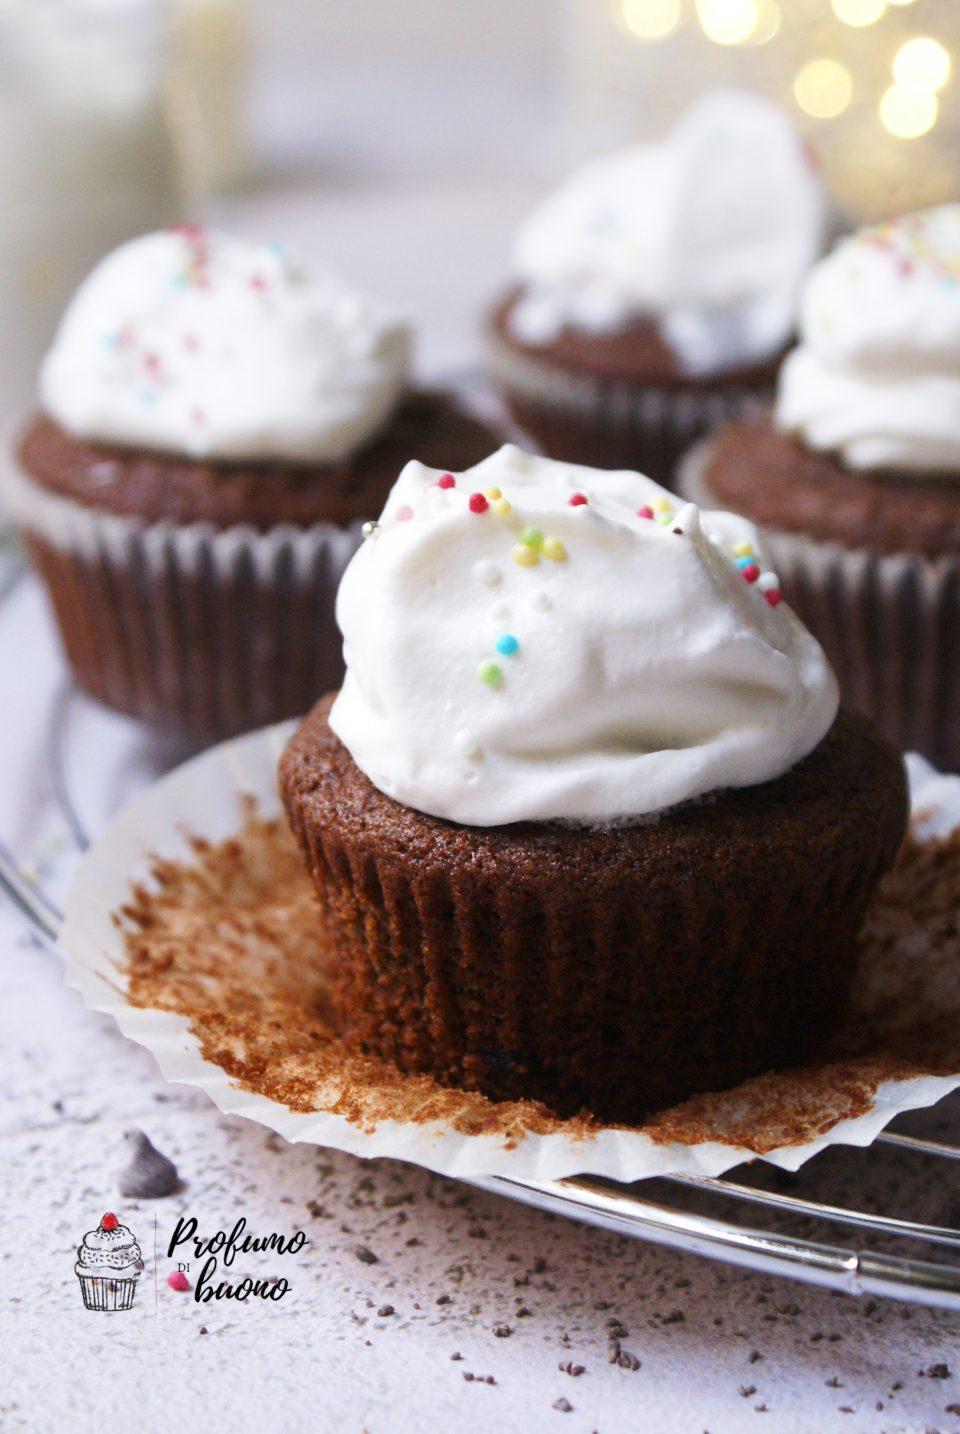 Ciocconeve di Natale senza glutine ovvero muffin senza glutine e vegan al cacao ripieni di crema al cioccolato e coperti di panna montata decorati con zucchero in granella